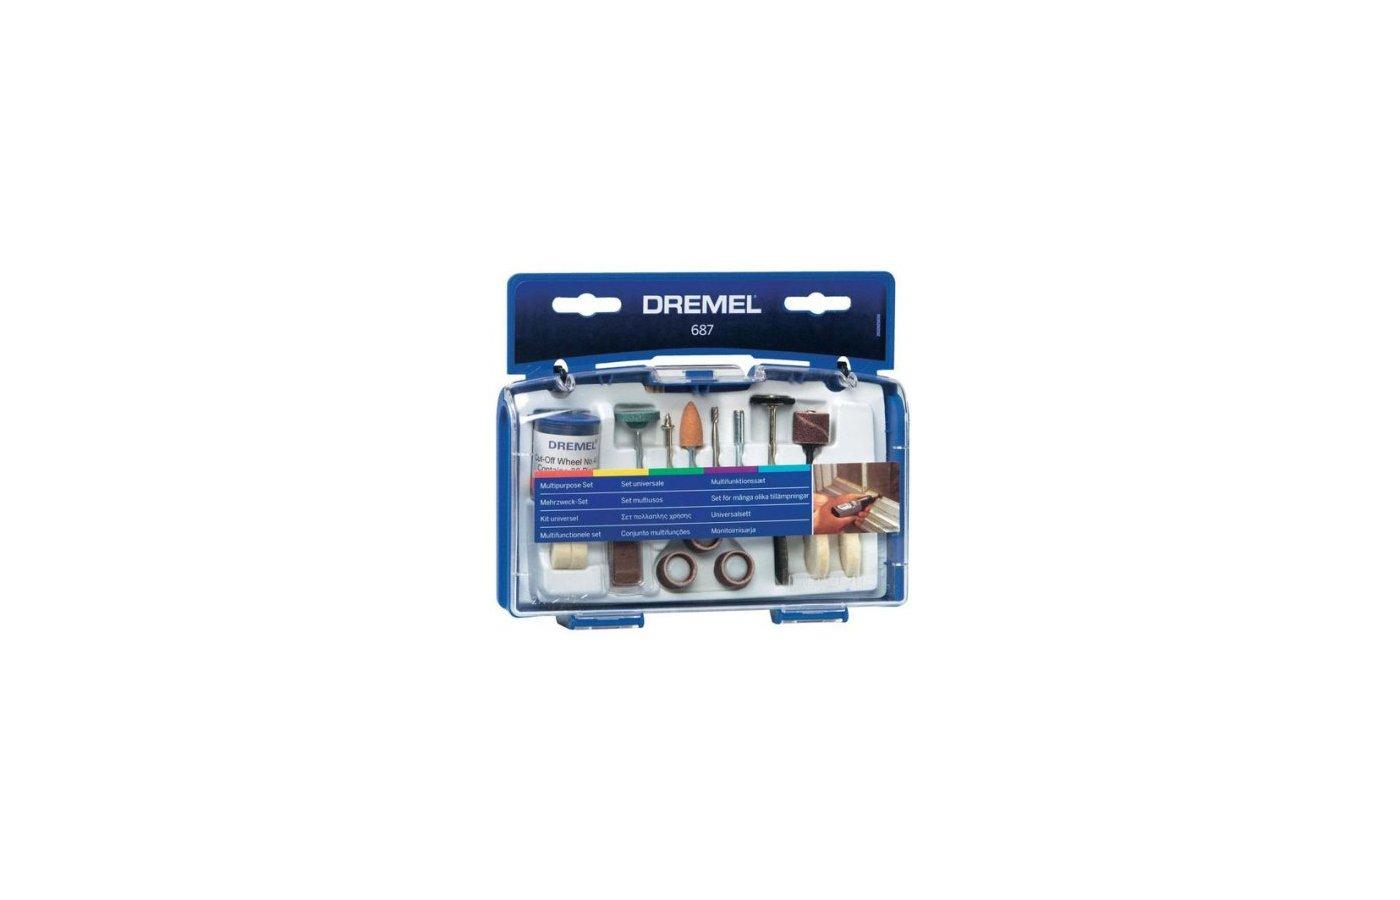 Инструмент DREMEL 687 Набор оснастки для дома, 52 шт.